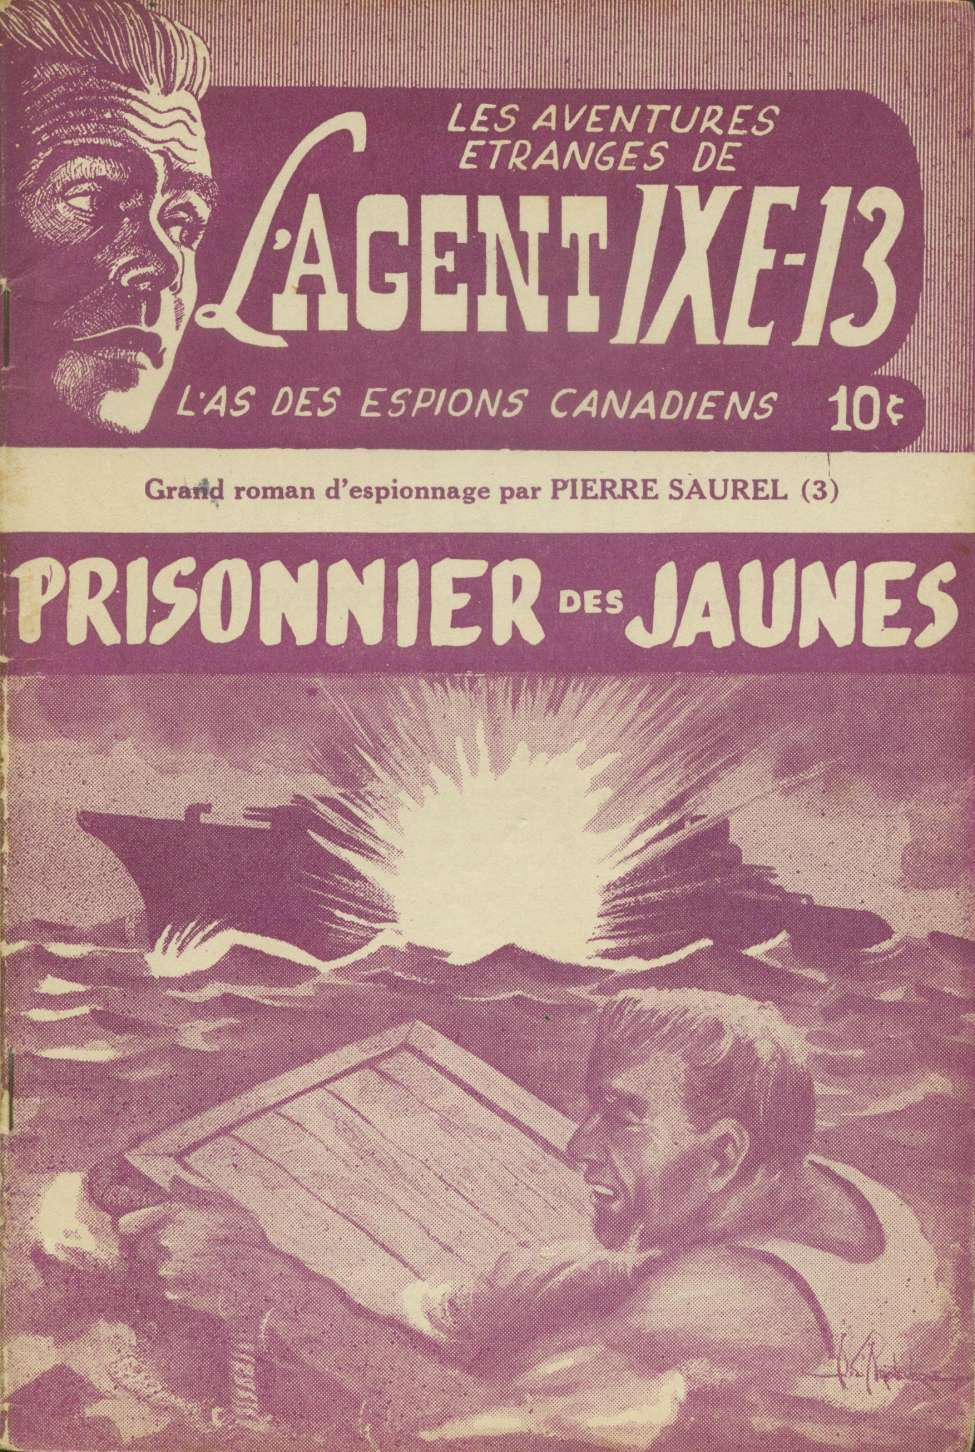 Comic Book Cover For L'Agent IXE-13 v2 003 – Prisonnier des jaunes